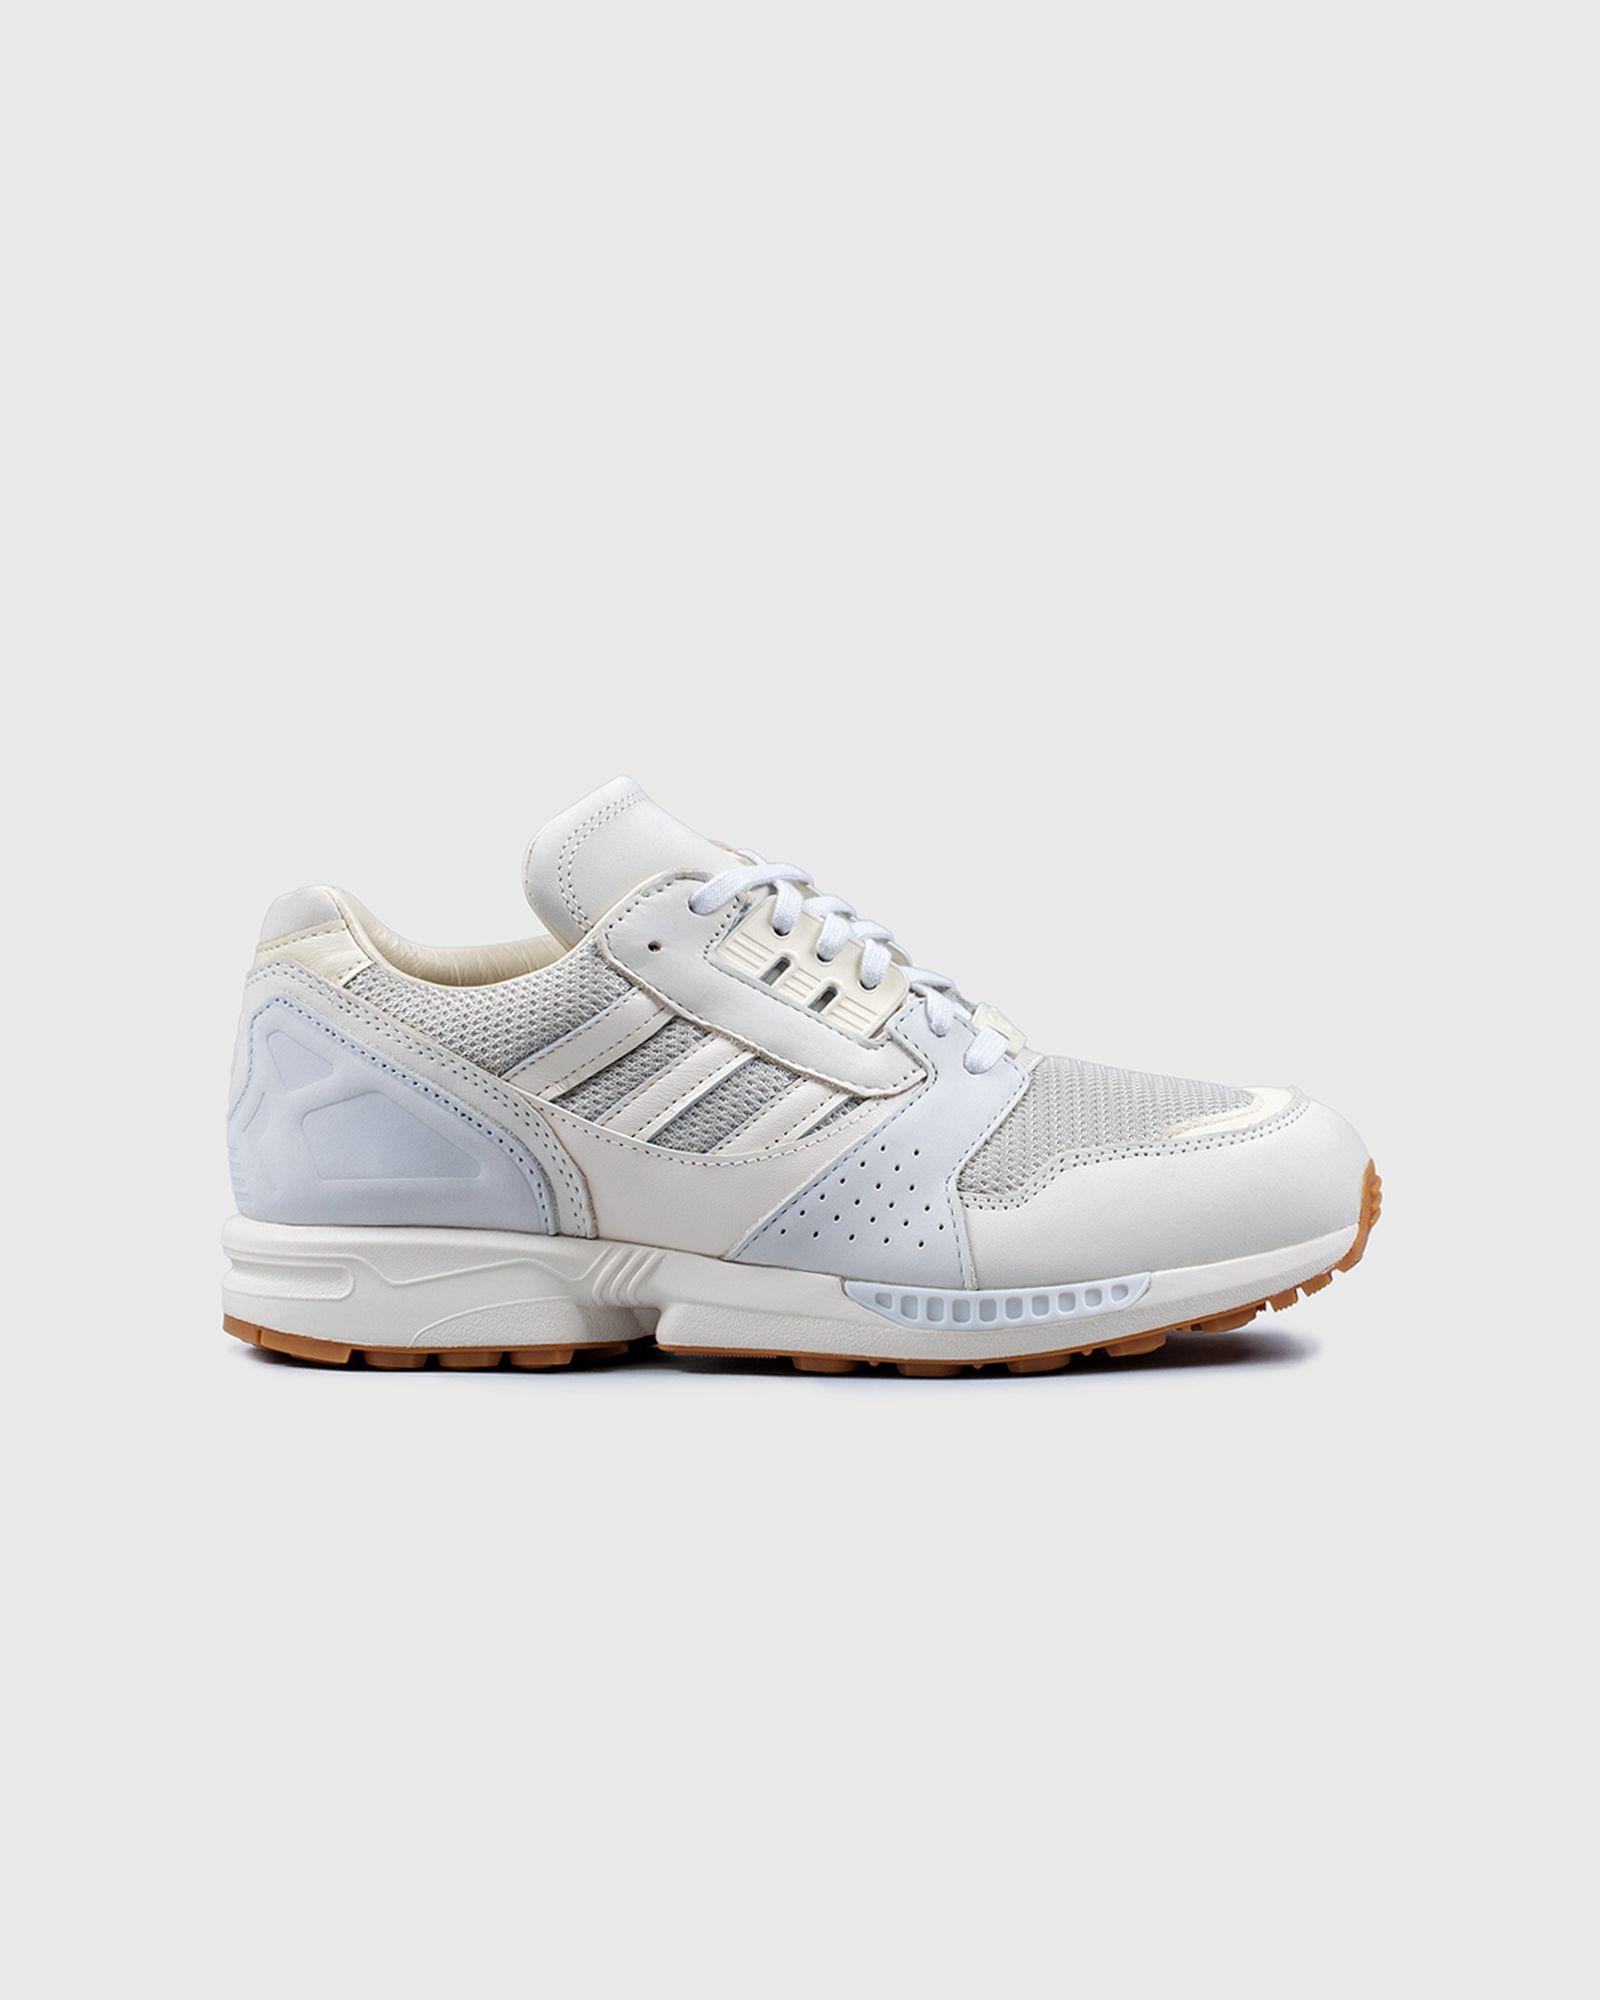 highsnobiety-adidas-originals-zx-8000-release-date-price-01